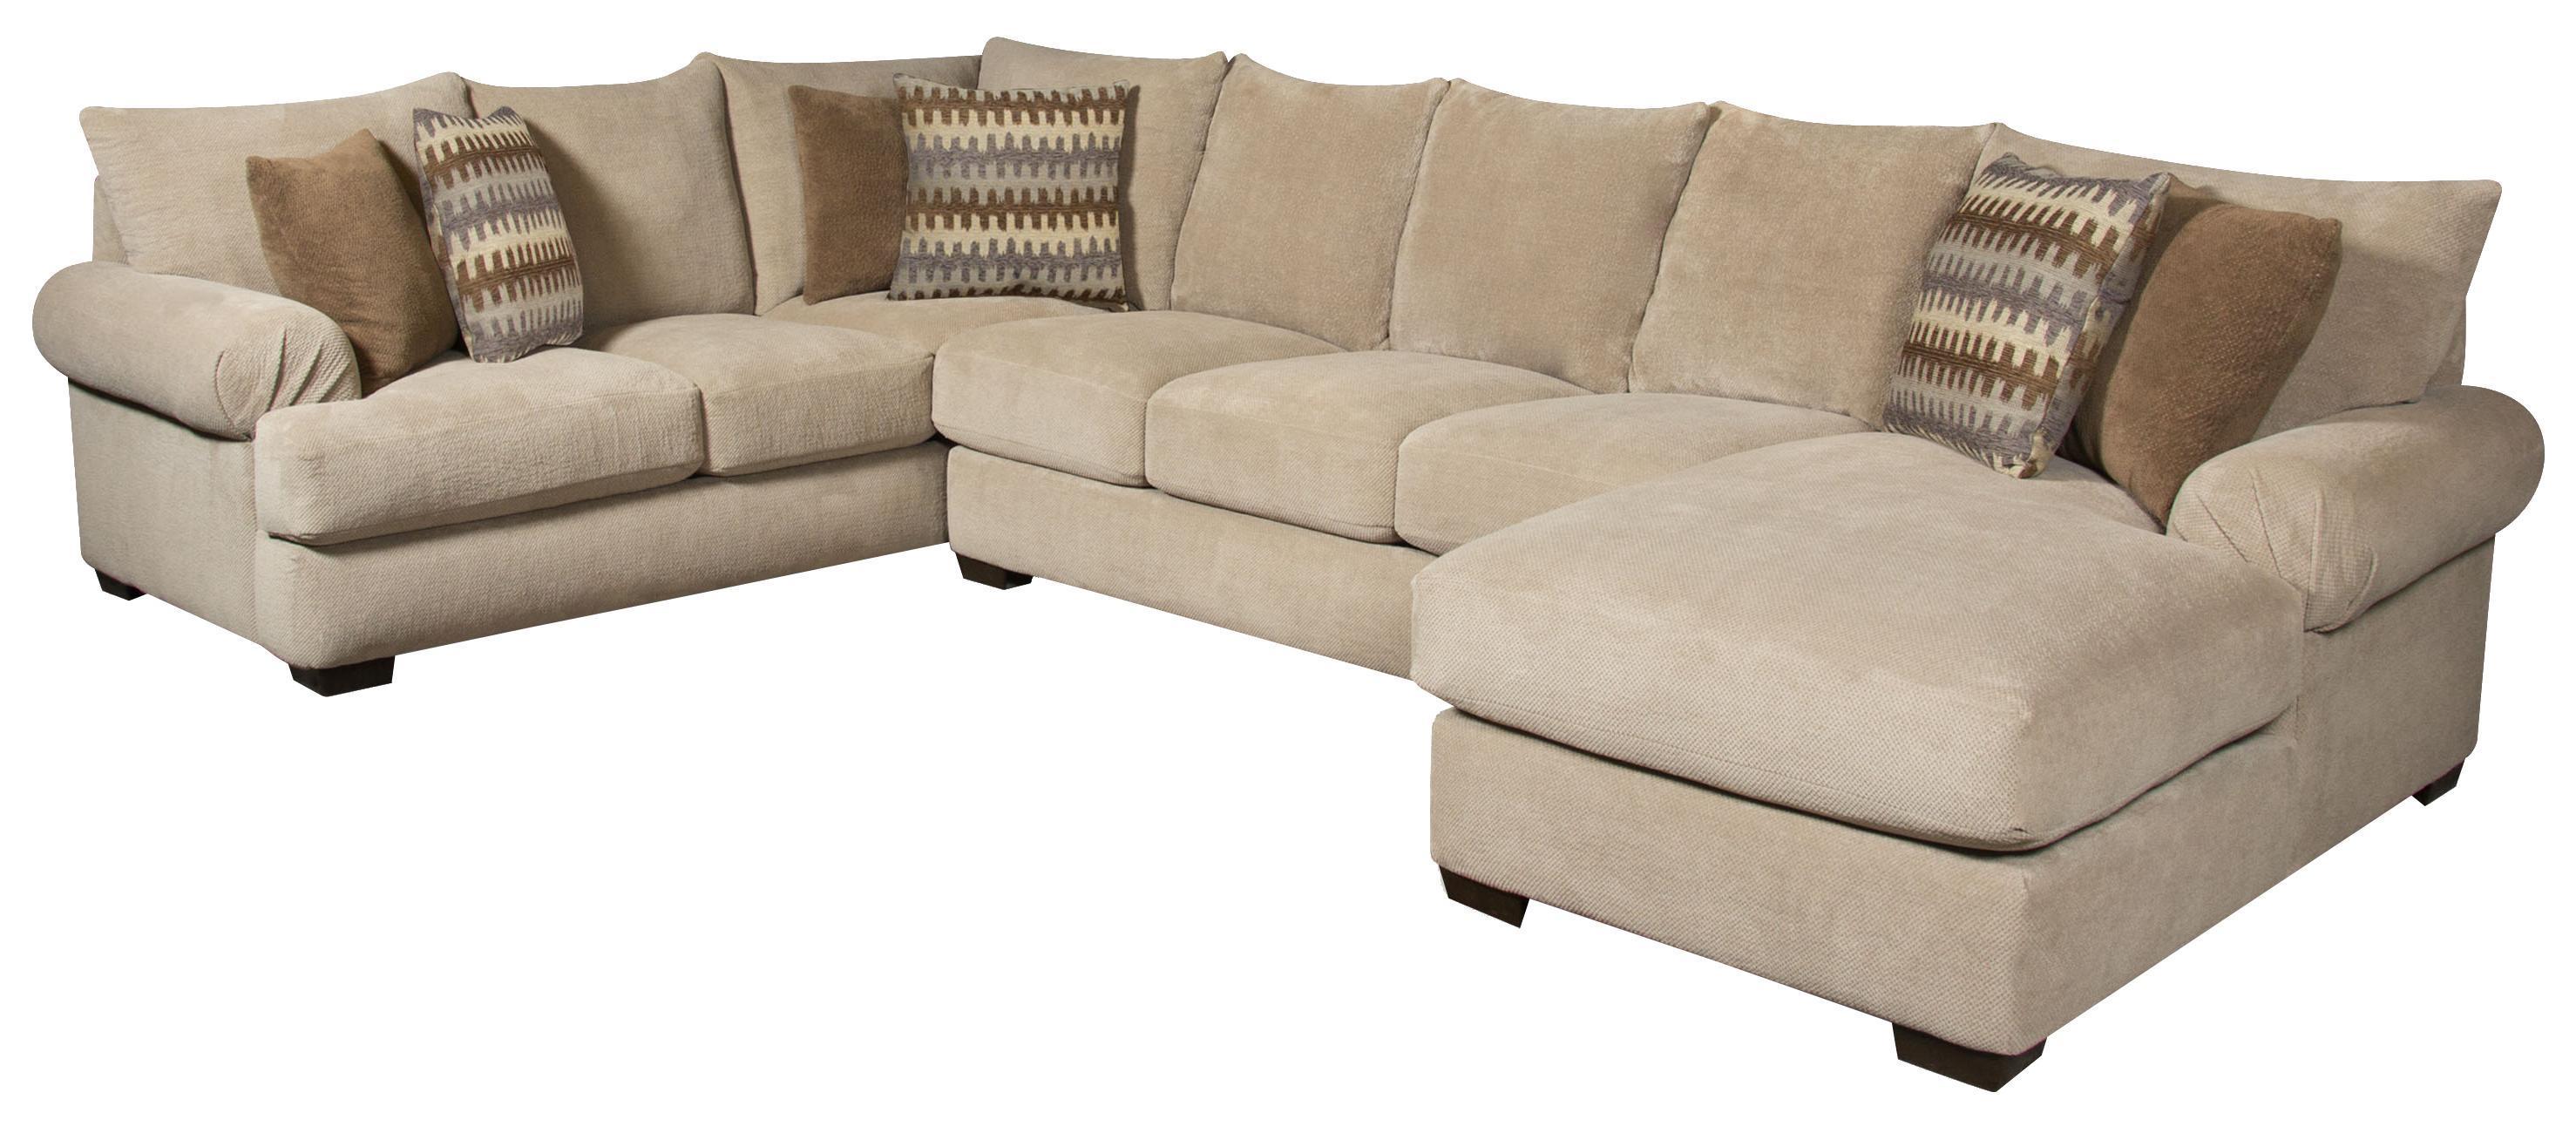 Corinthian Bacarat Bacarat Taupe 3 Piece Sofa Sectional - Item Number: CORI-GRP-61X-SECTIONAL